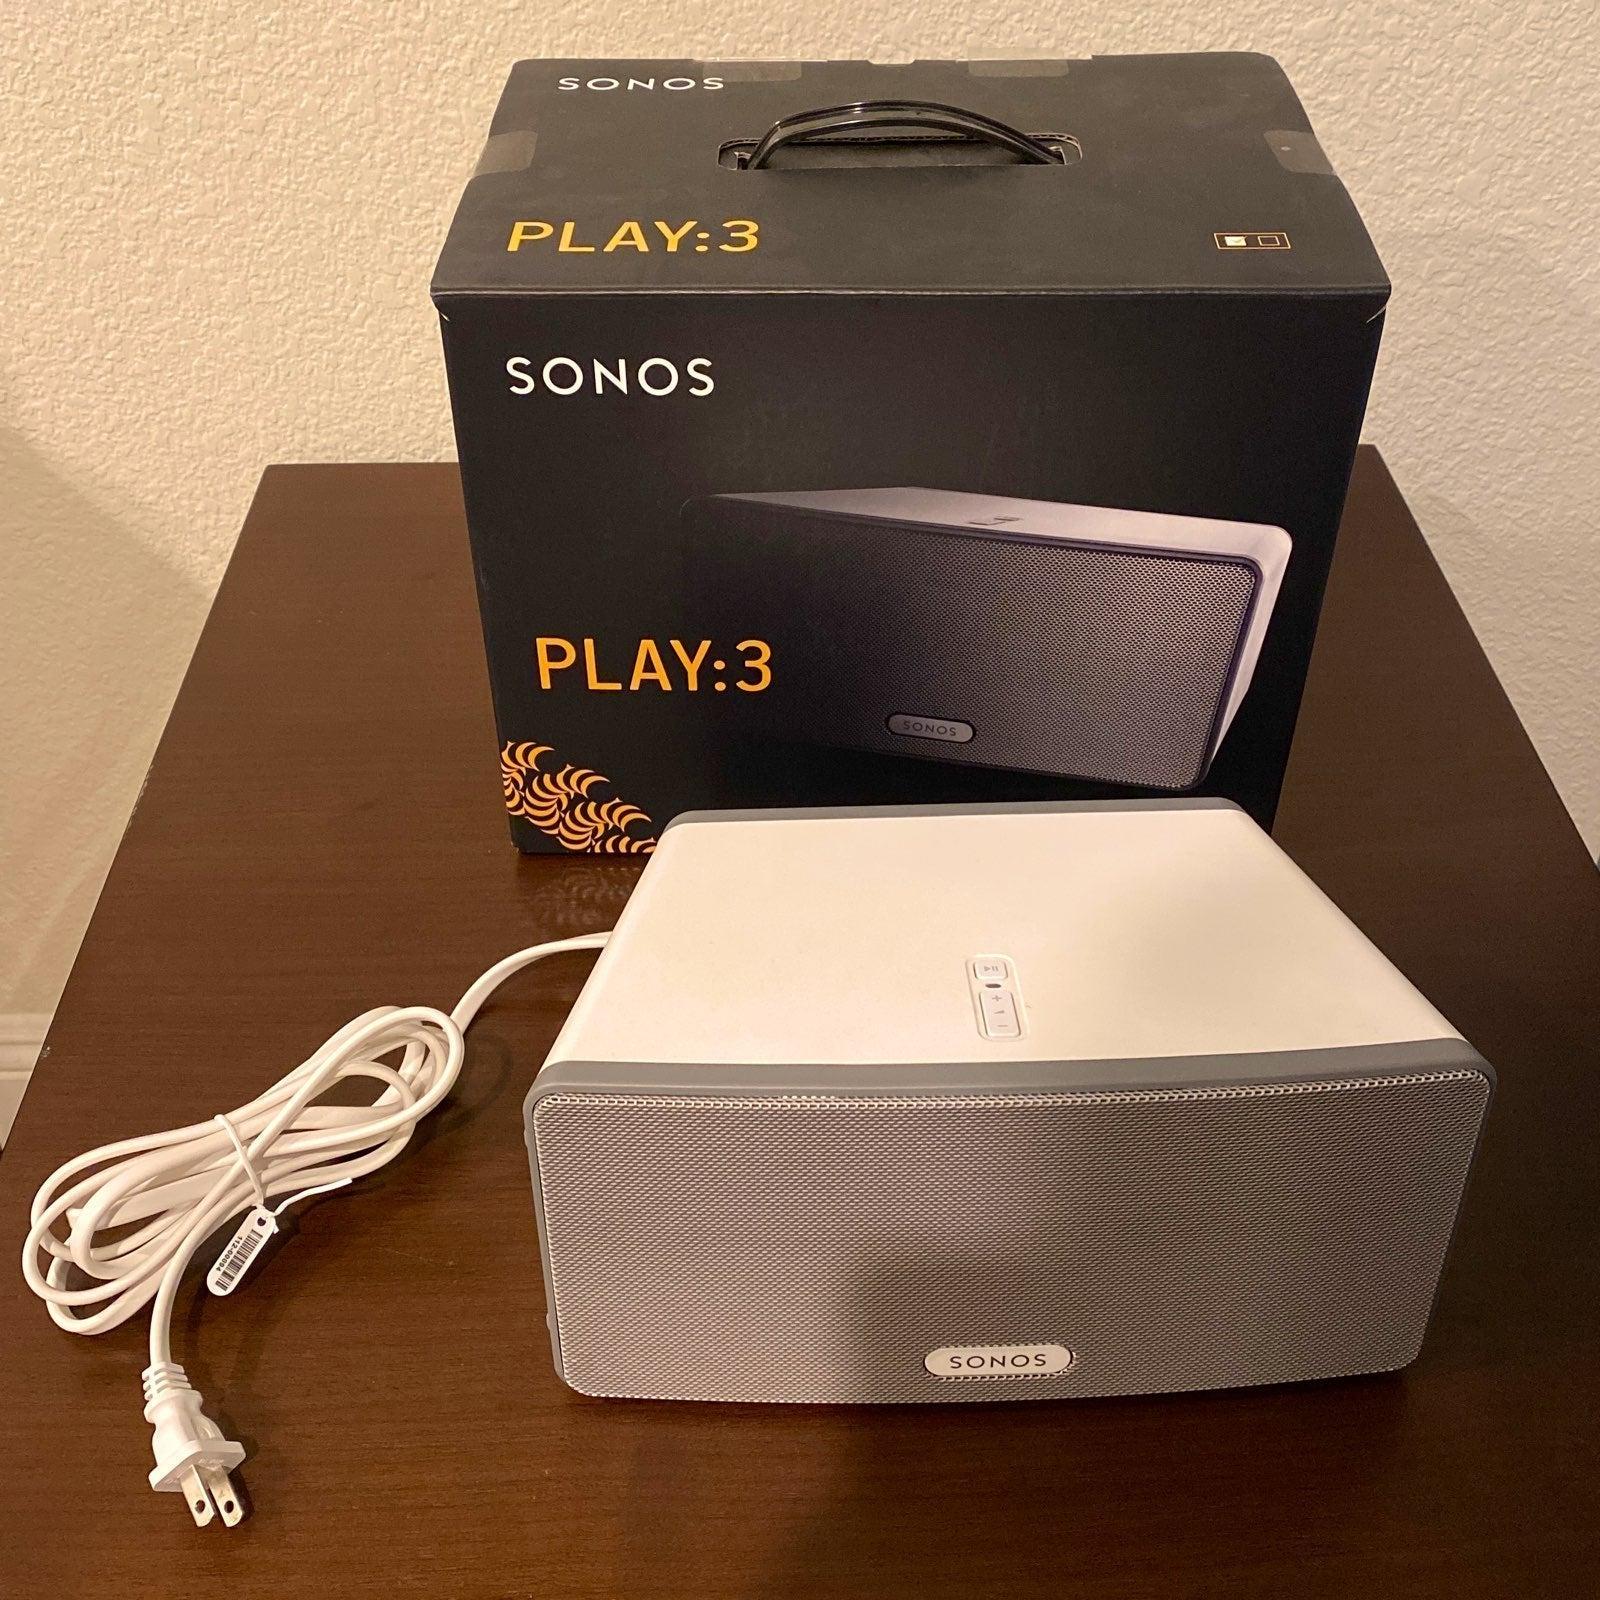 Sonos play: 3 wireless speaker white